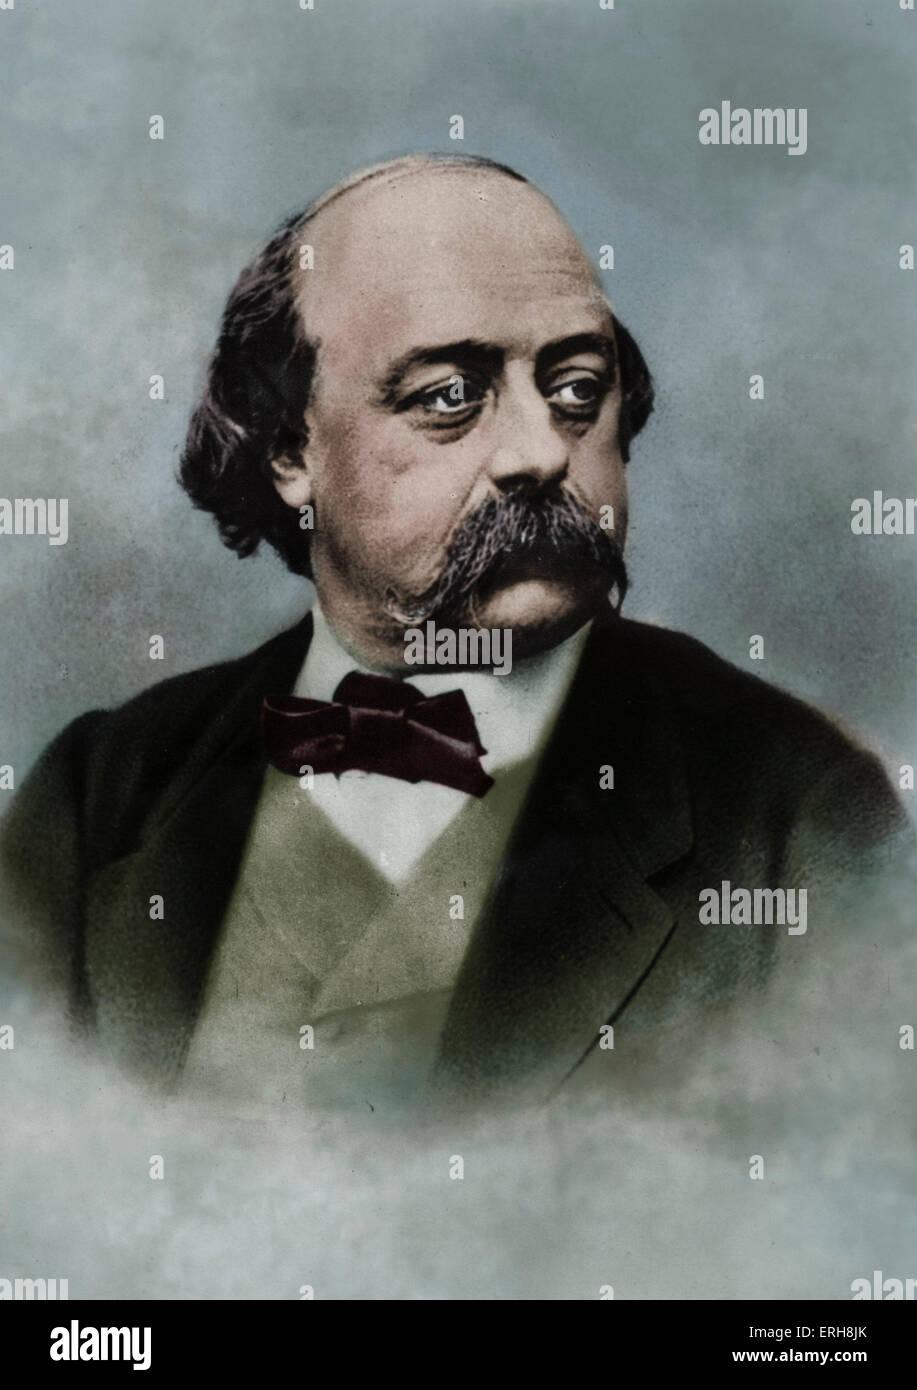 Who is Flaubert 2